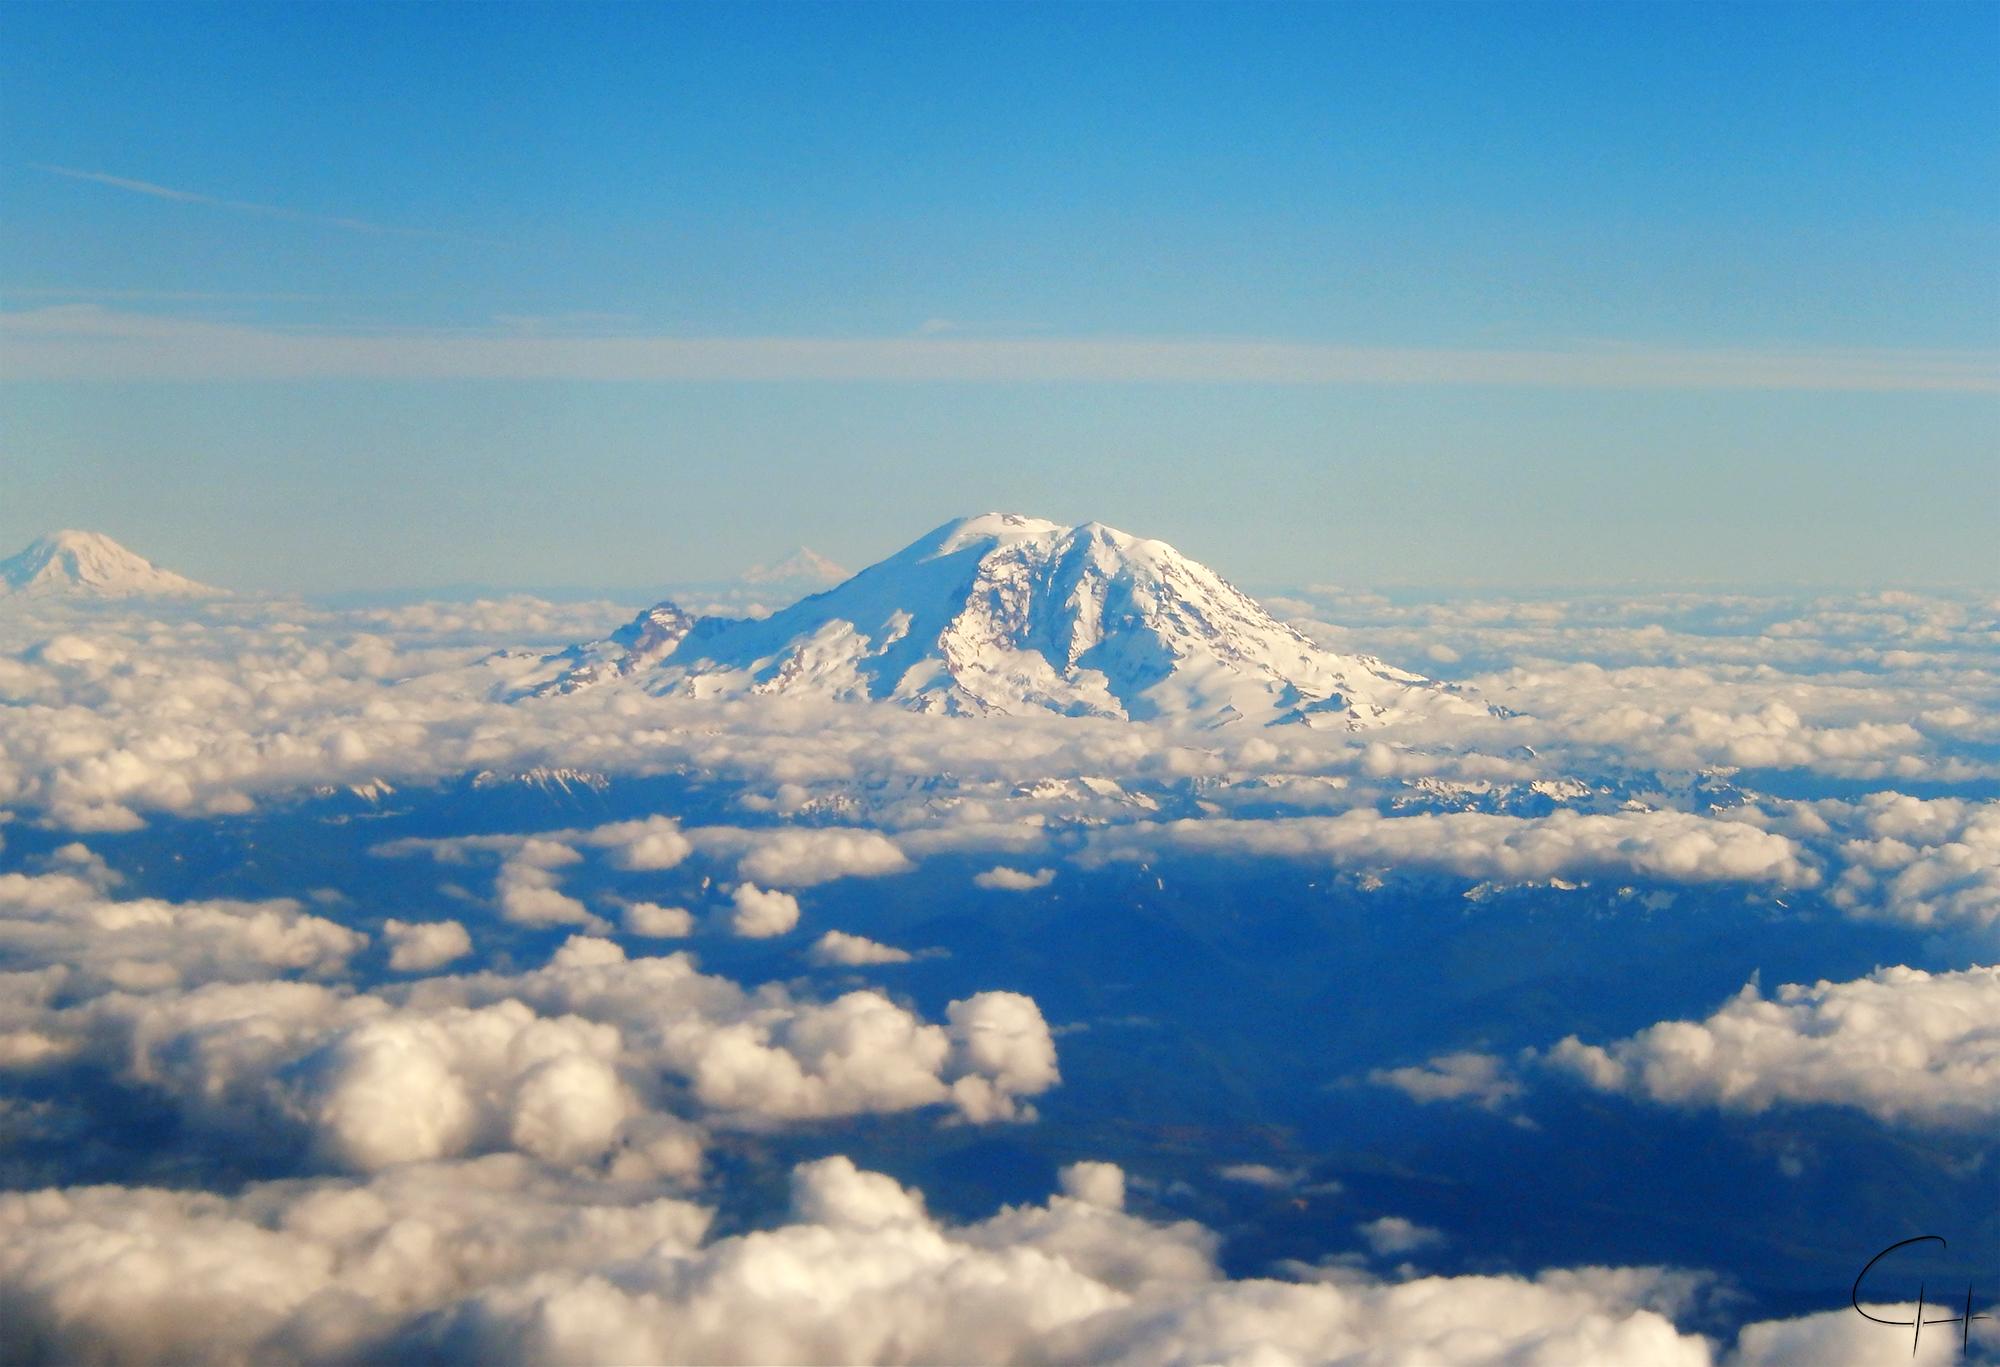 Mt Rainier by Chillstice